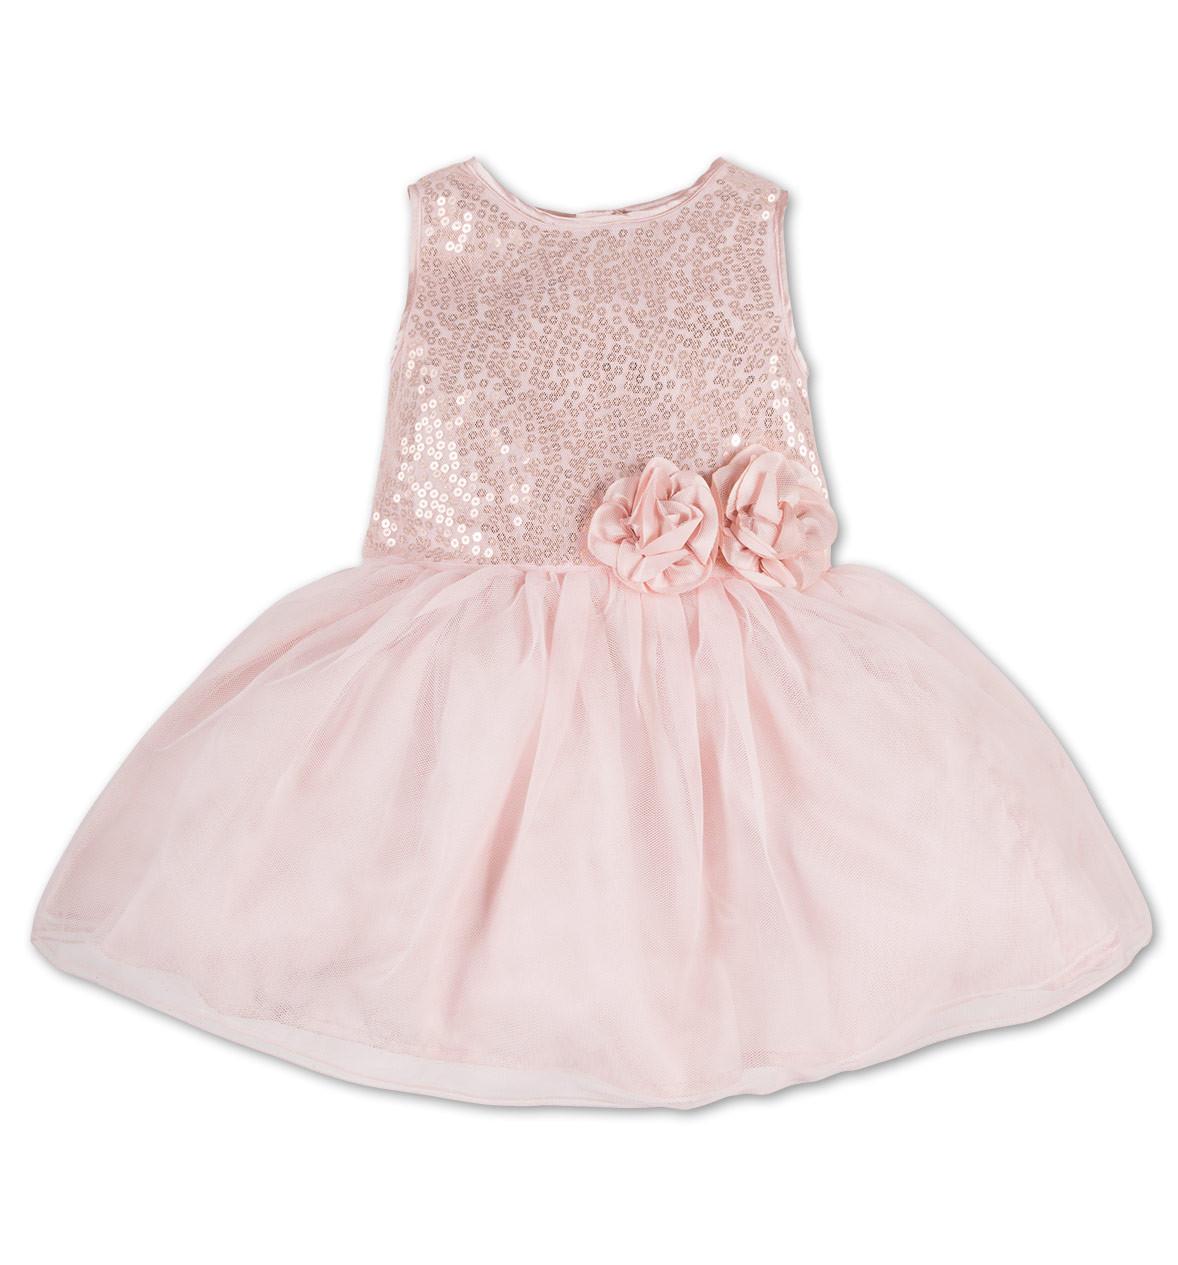 Нарядное розовое платье с пайетками на девочку 9-10 лет C&A Германия Размер 140